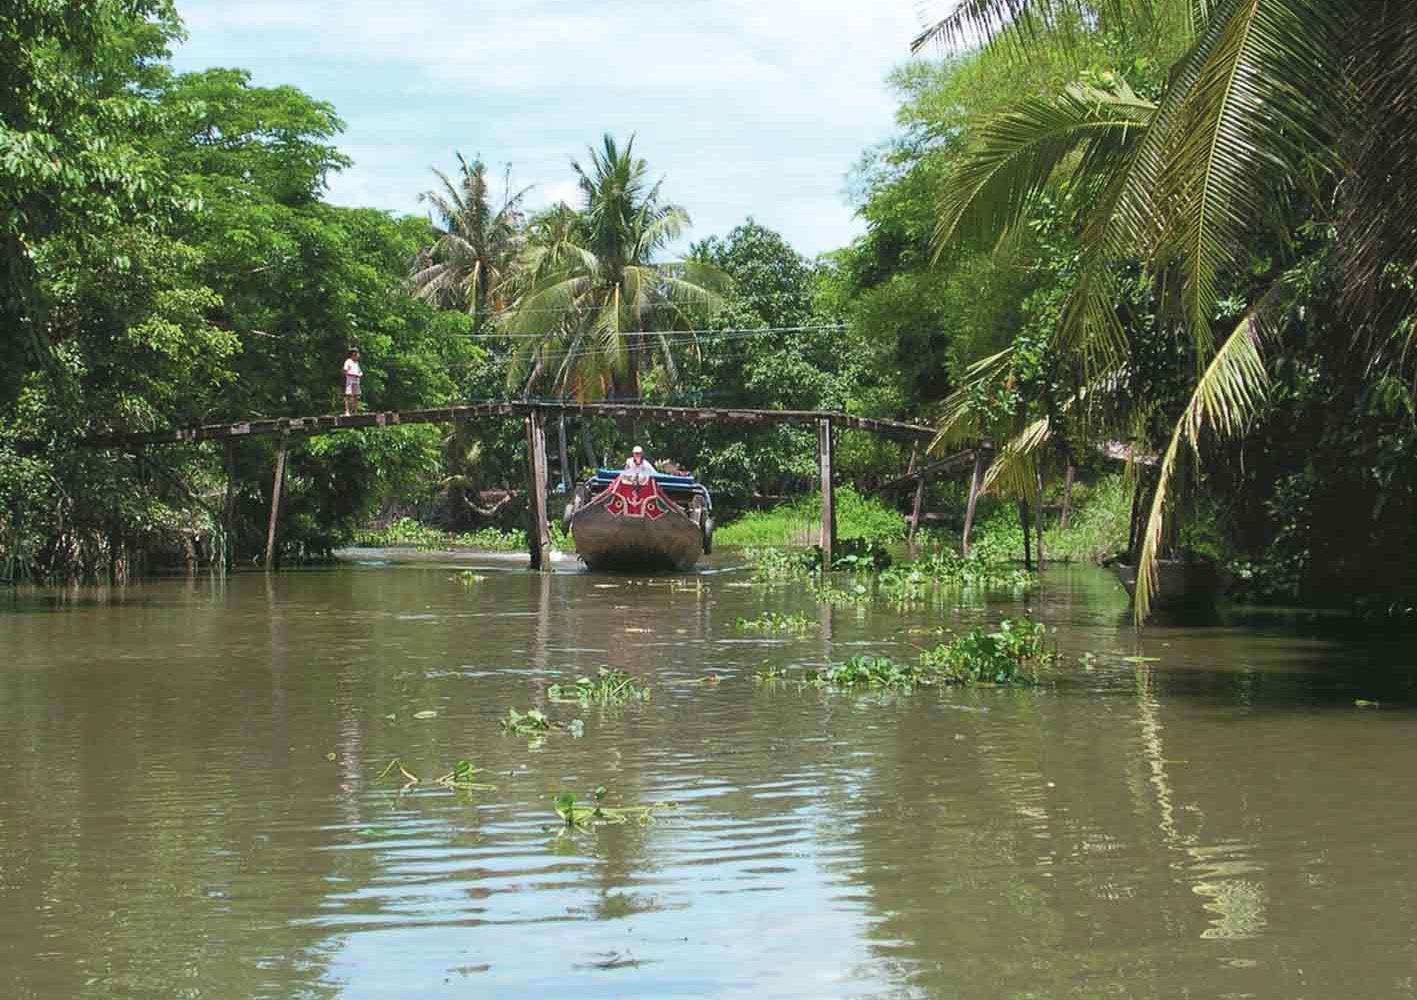 Auf einem Seitenfluss des Mekongs, Vietnam